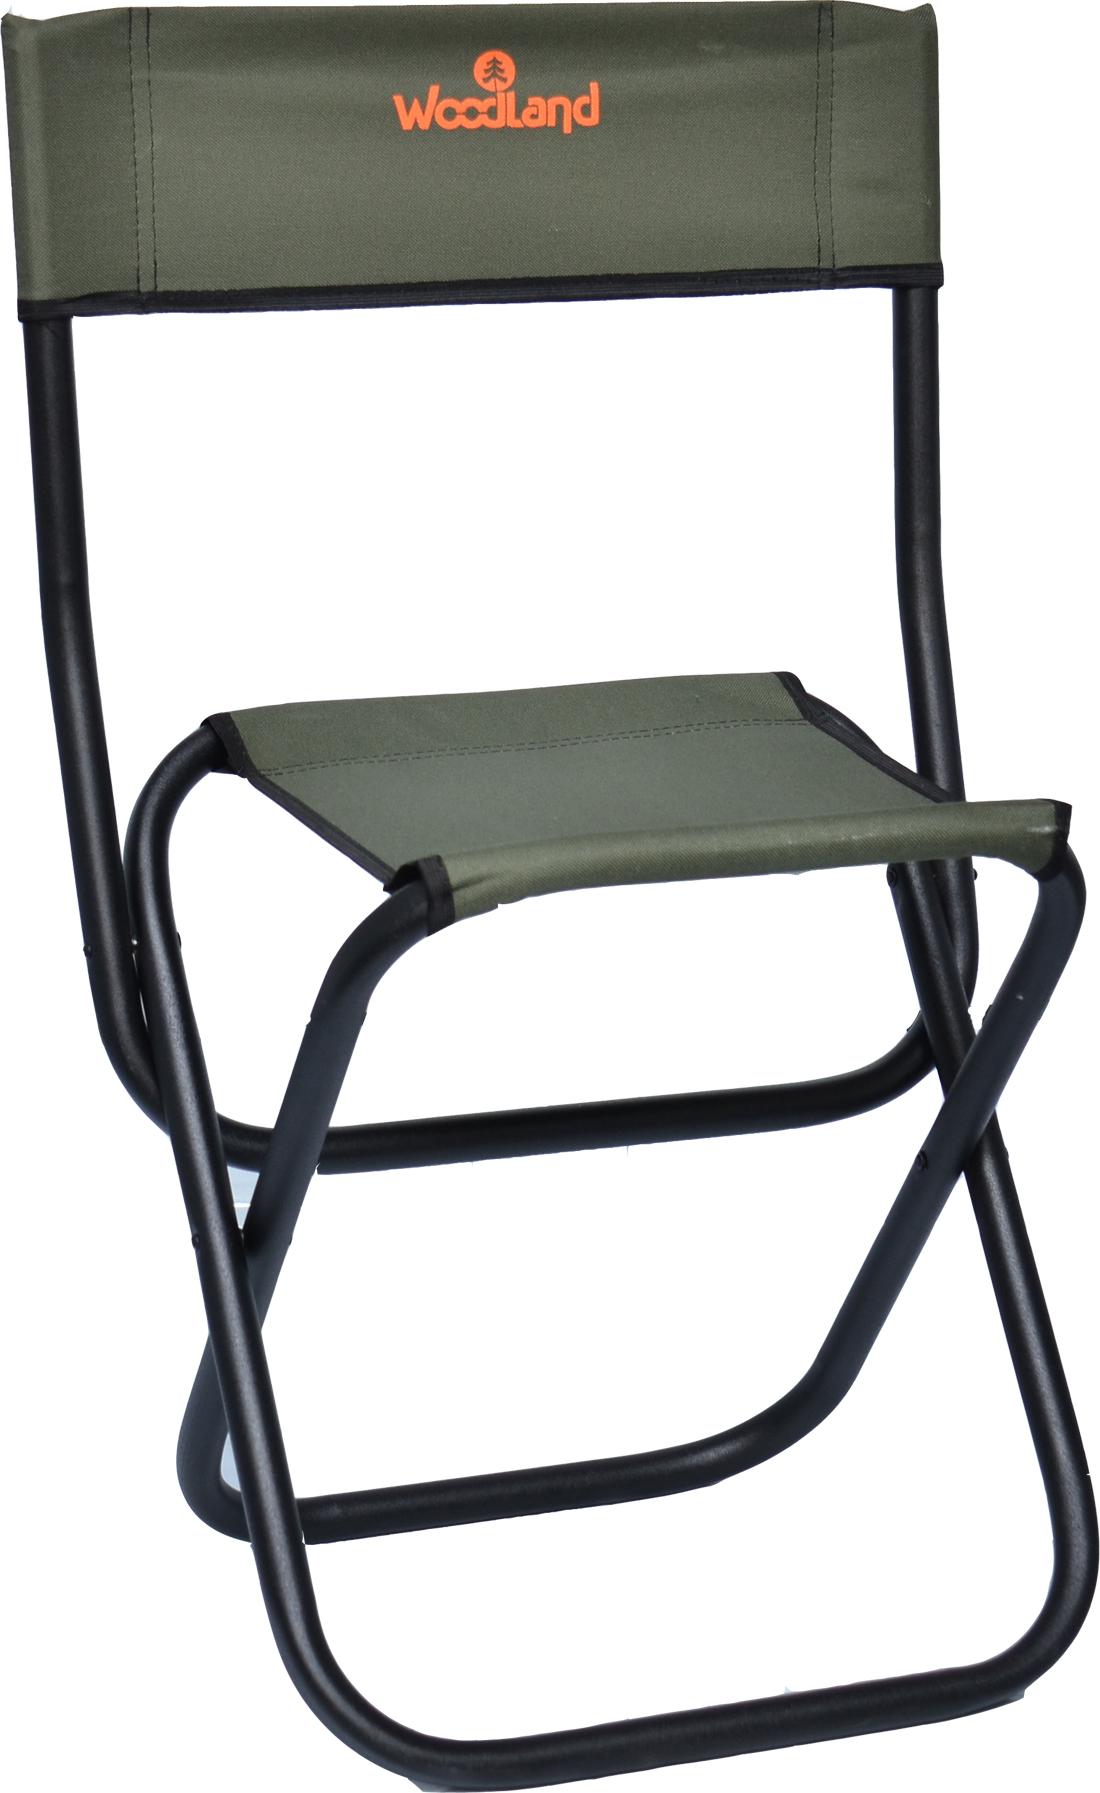 Стул Tourist MAX, 46х35х45 (80) см, складной, со спинкой Стулья, кресла<br>РАЗМЕР: 46х35х45 (80) см МАТЕРИАЛЫ: сталь ? 22 <br>мм Oxford 600D ВЕС: 2,78 кг. • Усиленная складная <br>конструкция. • Прочный стальной каркас, <br>диаметром 22 мм, с покрытием. • Водоотталкивающее <br>ПВХ покрытие ткани Oxford 600D. • Максимально <br>допустимая нагрузка 120 кг.<br>